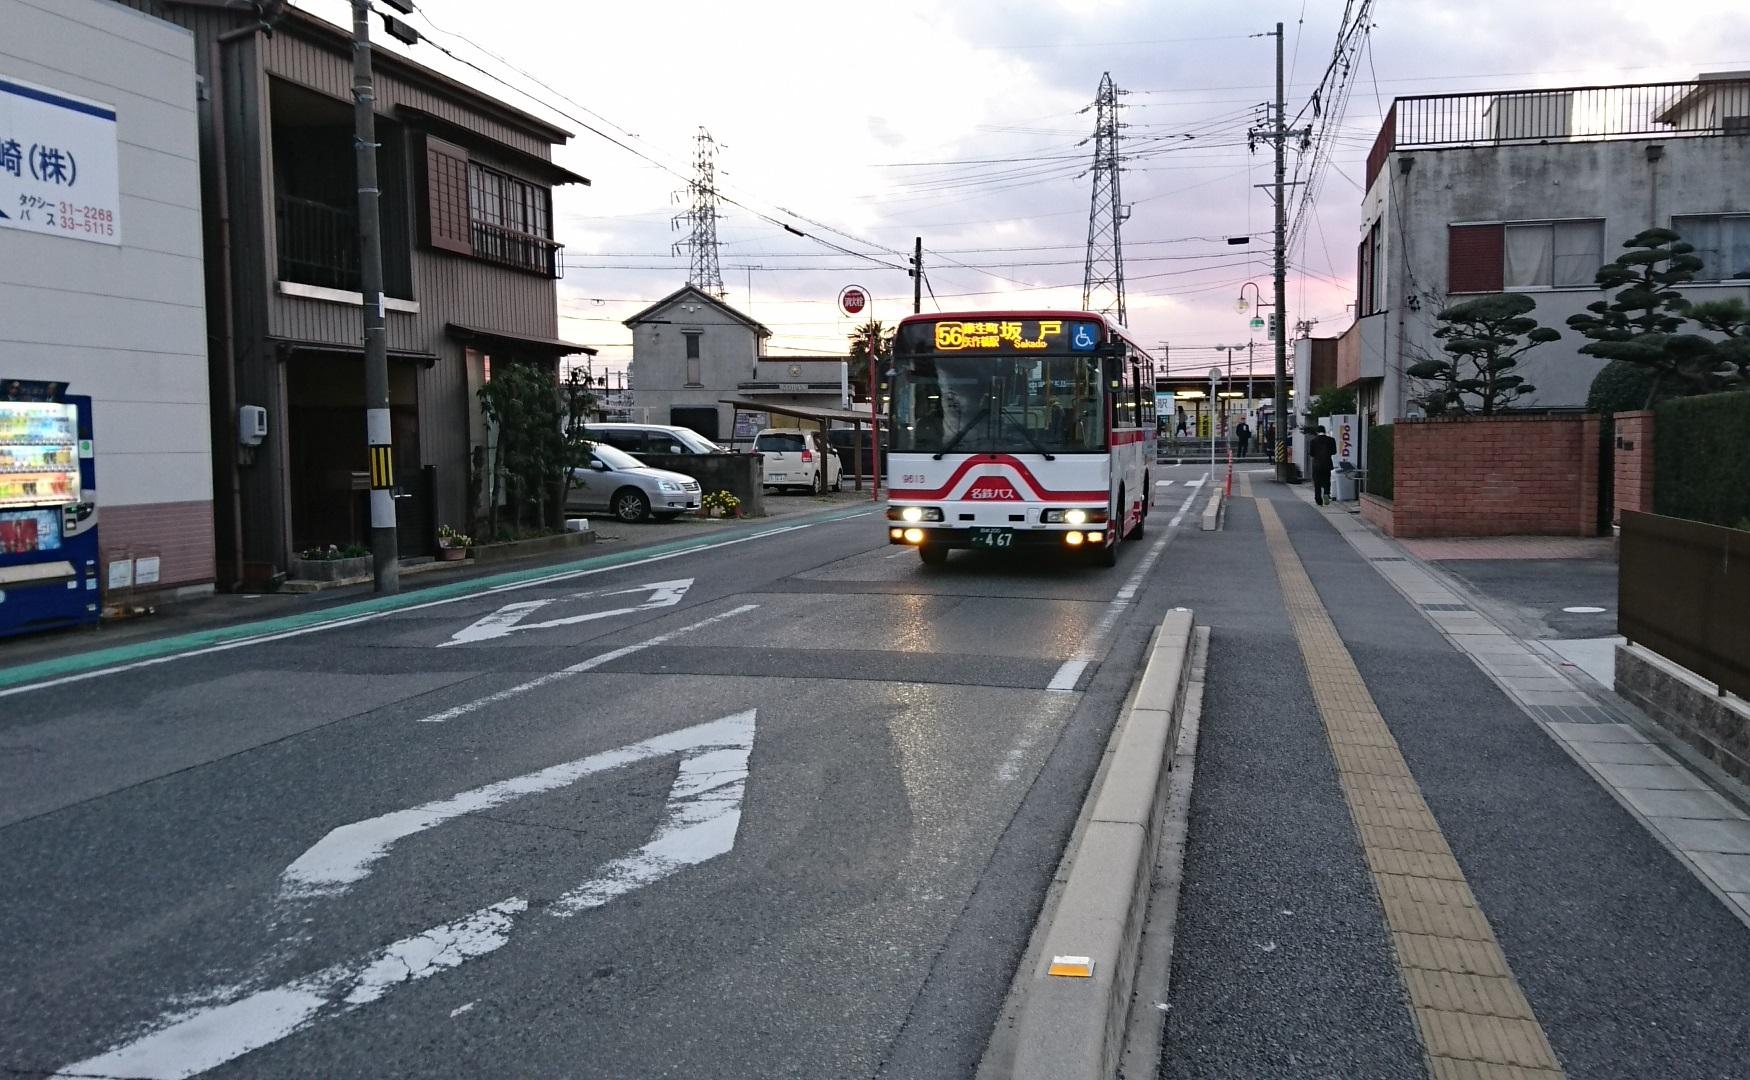 2017.1.12 (72) 矢作橋駅 - 坂戸いき名鉄バス 1750-1080